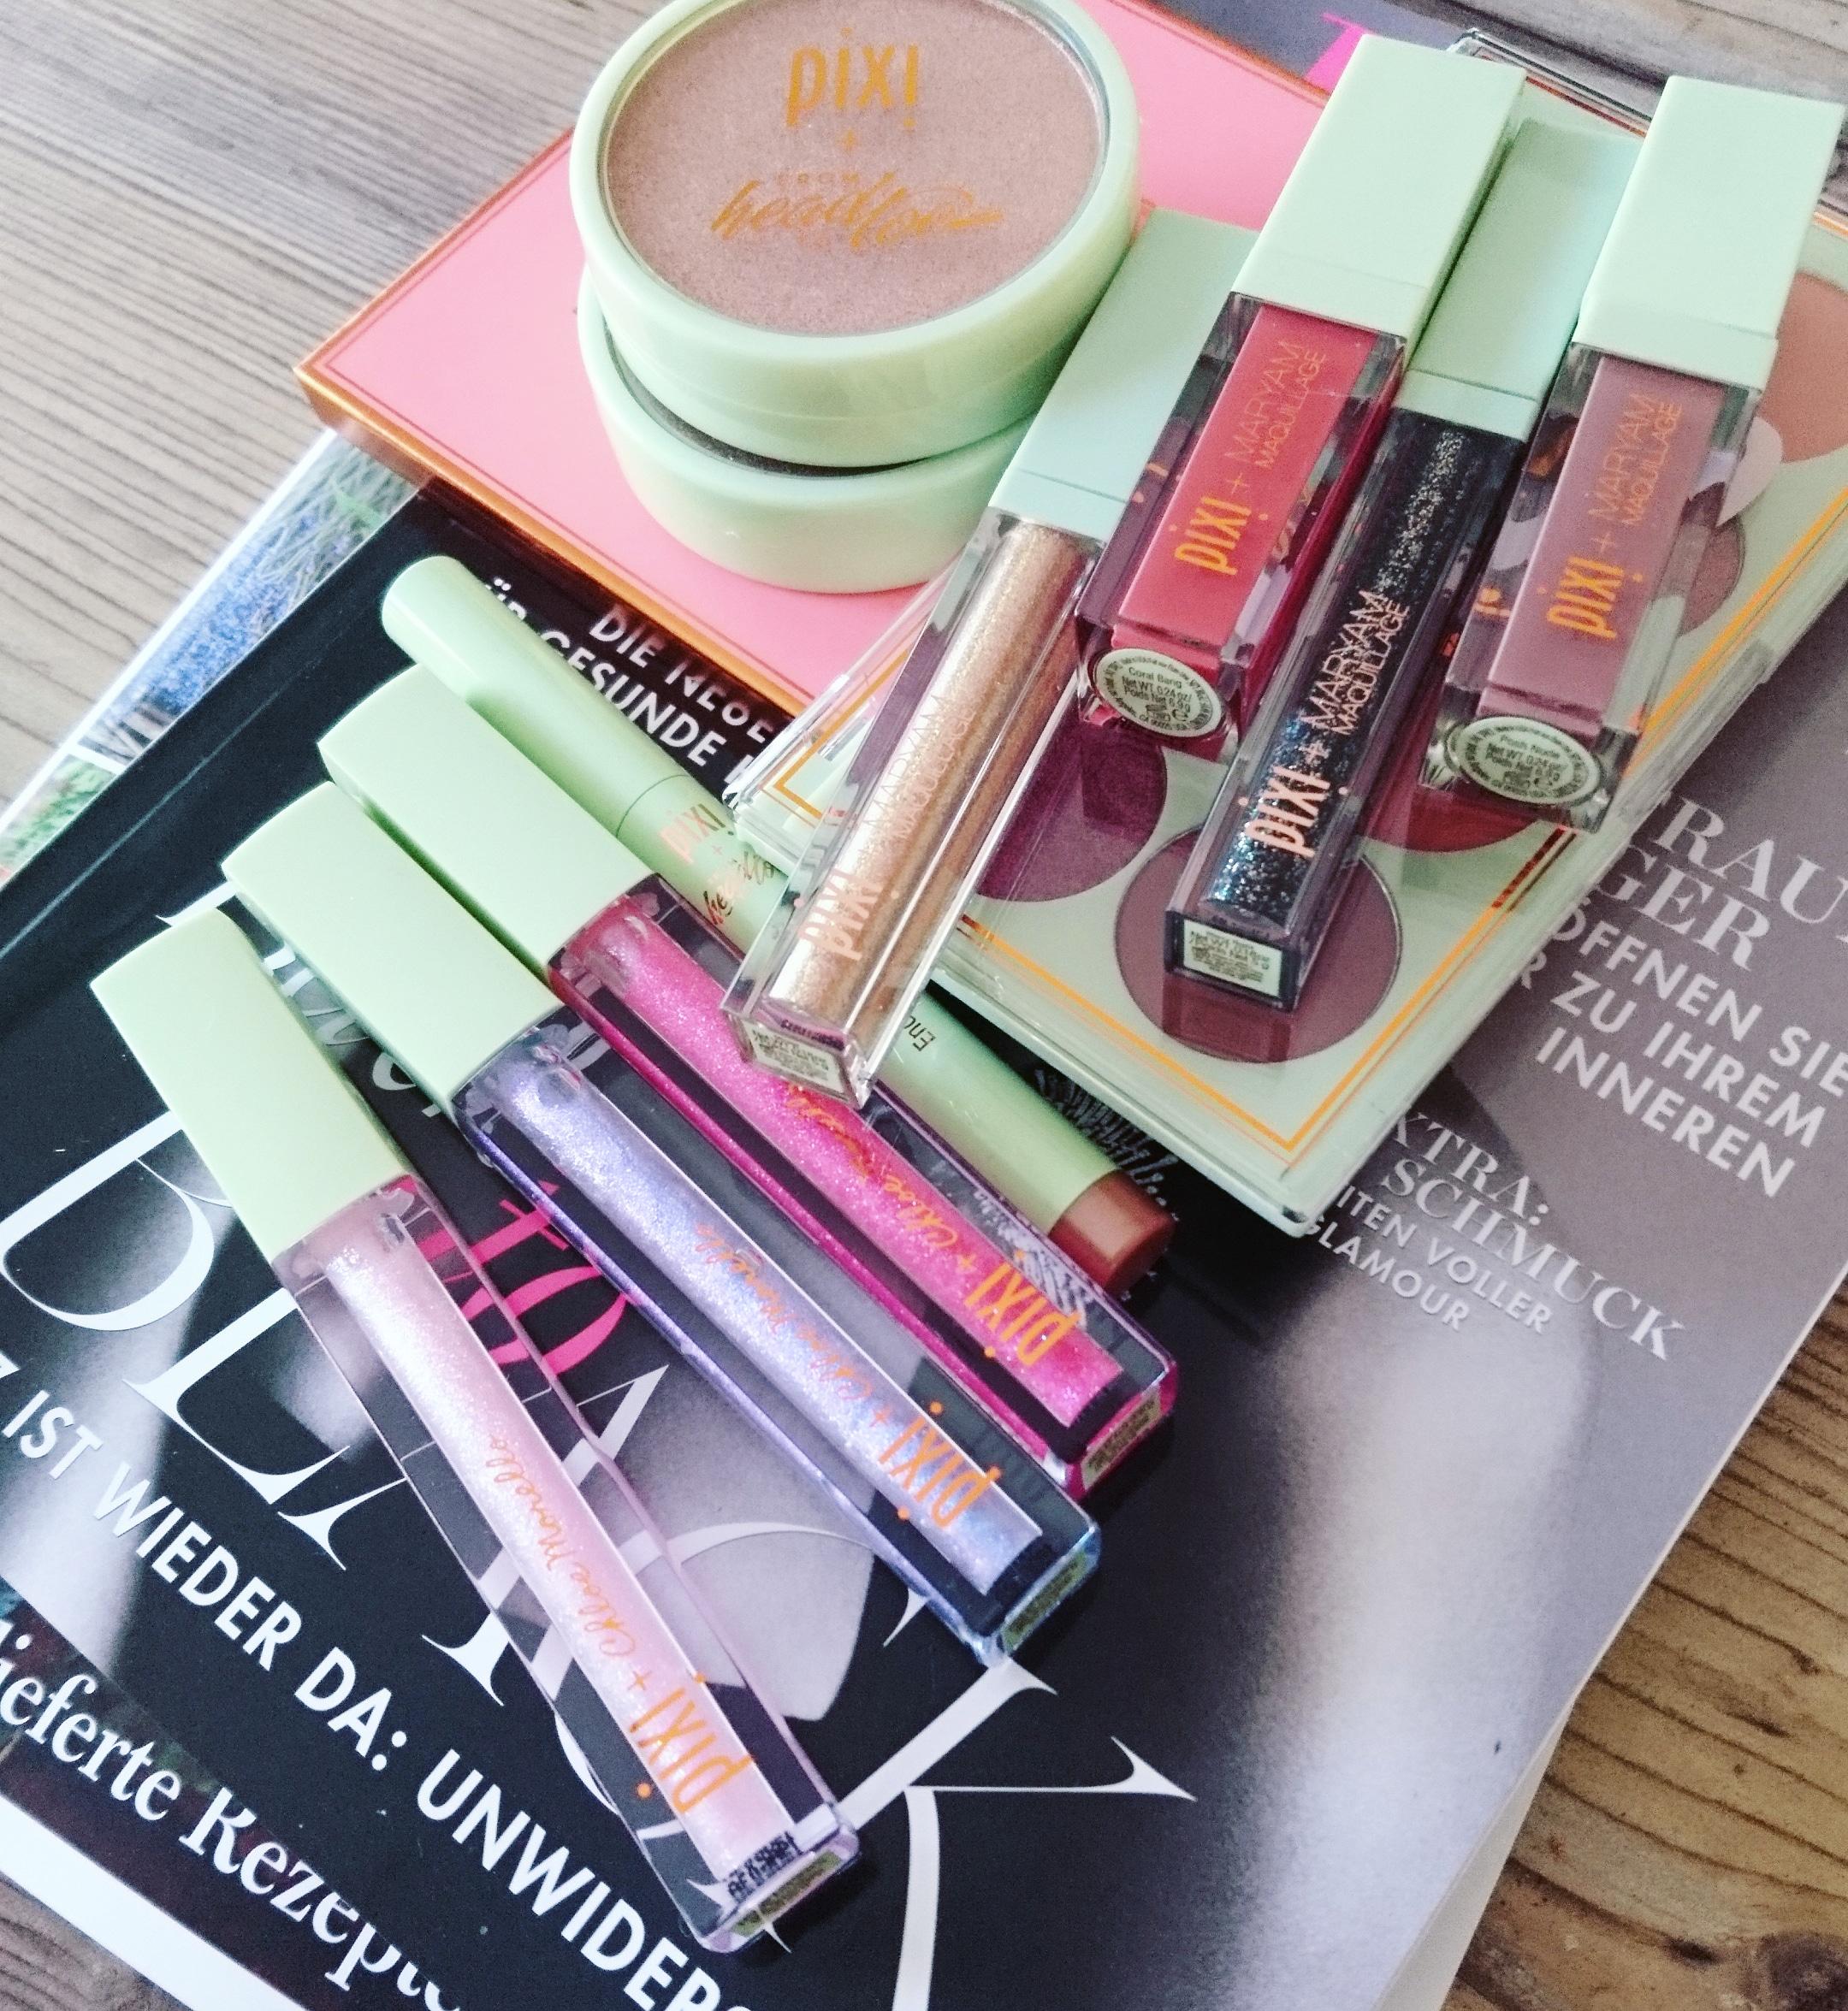 Auf den Blog könnt ihr heute dieses tolle Pflege Paket gewinnen. Schaut unbedingt vorbei! Link in der Bio. #beautyjunkiesadventskalender #beautyjunkiesadventkalender2019 #gewinnspiel #verlosung #adventgewinnspiel #gewinnspiele #gewinn #adventsverlosung #beautyblogger #bblogger_at #beautyblogger_at #bblog #beautylover